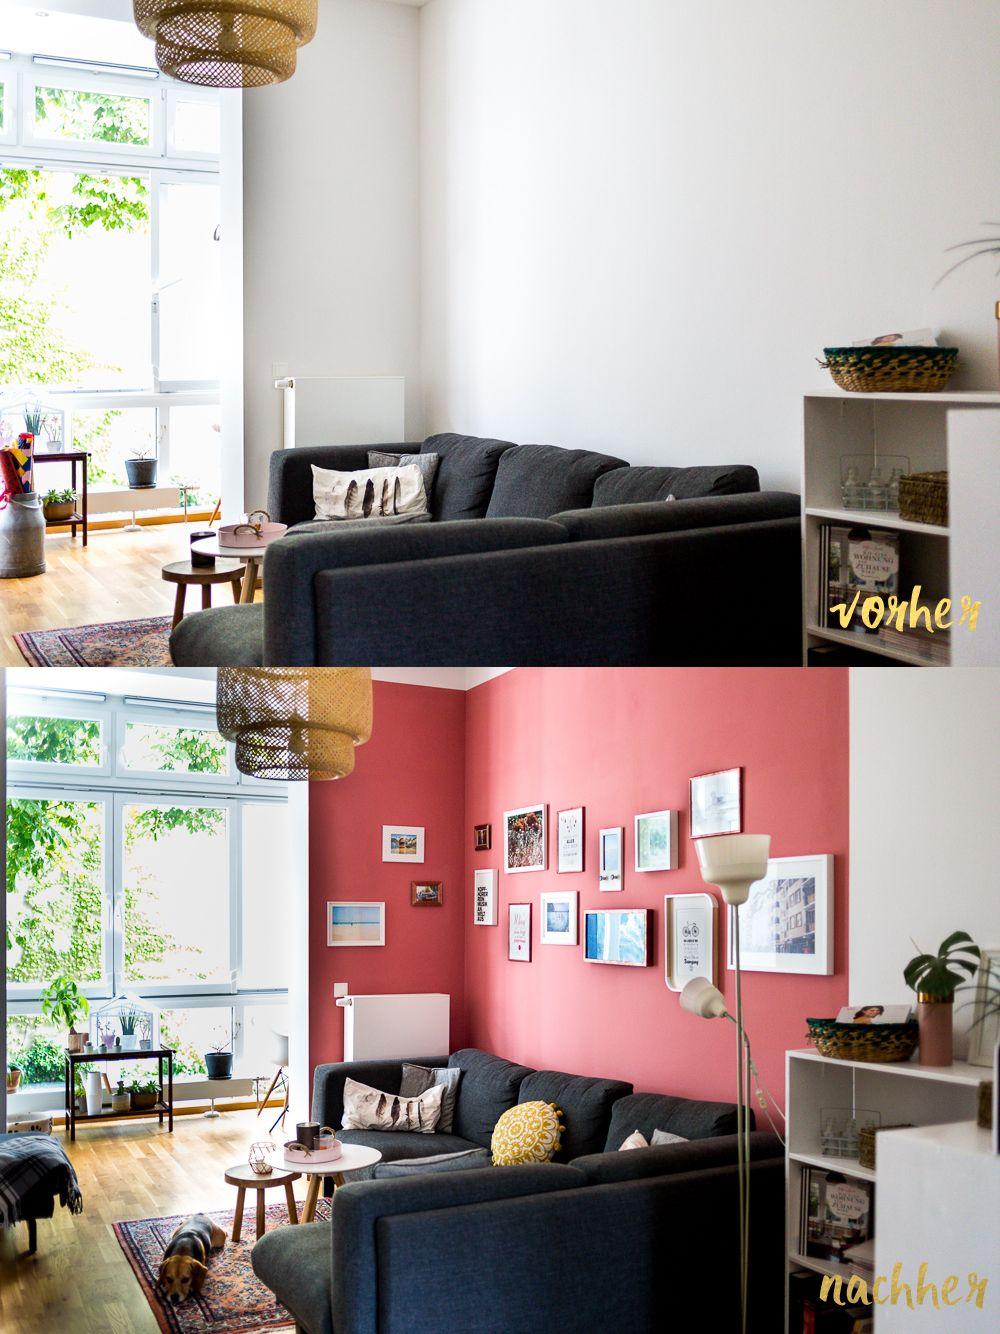 Wohnzimmer Vorher Nachher | Projekt Traumwohnung 2 0 Endlich Farbe An Den Wanden Mit Schoner